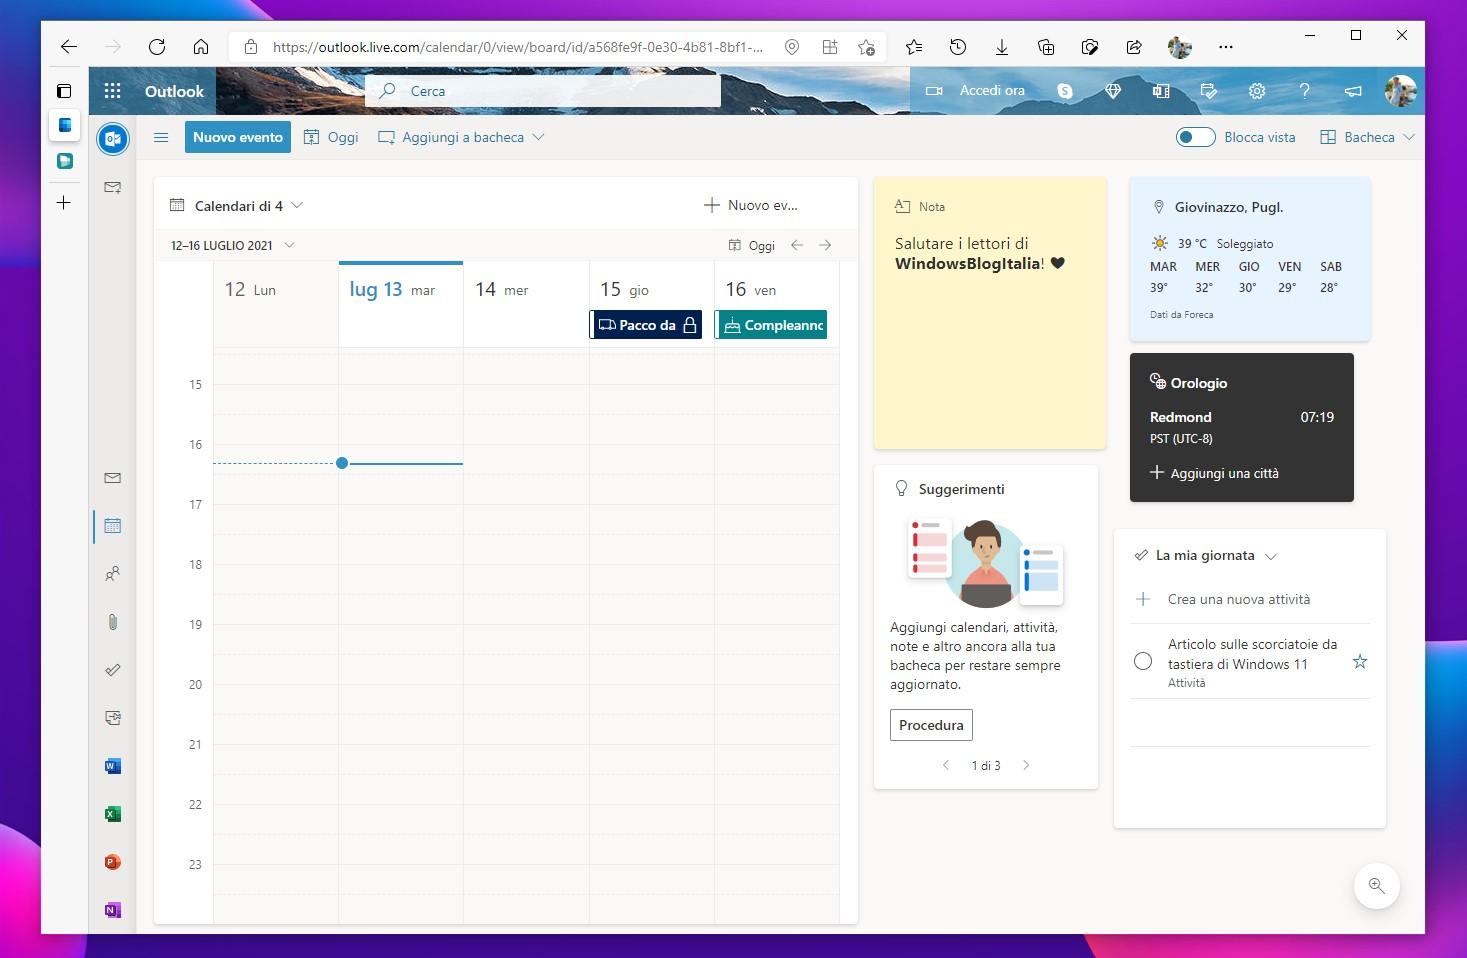 Calendario di Outlook.com - Bacheca